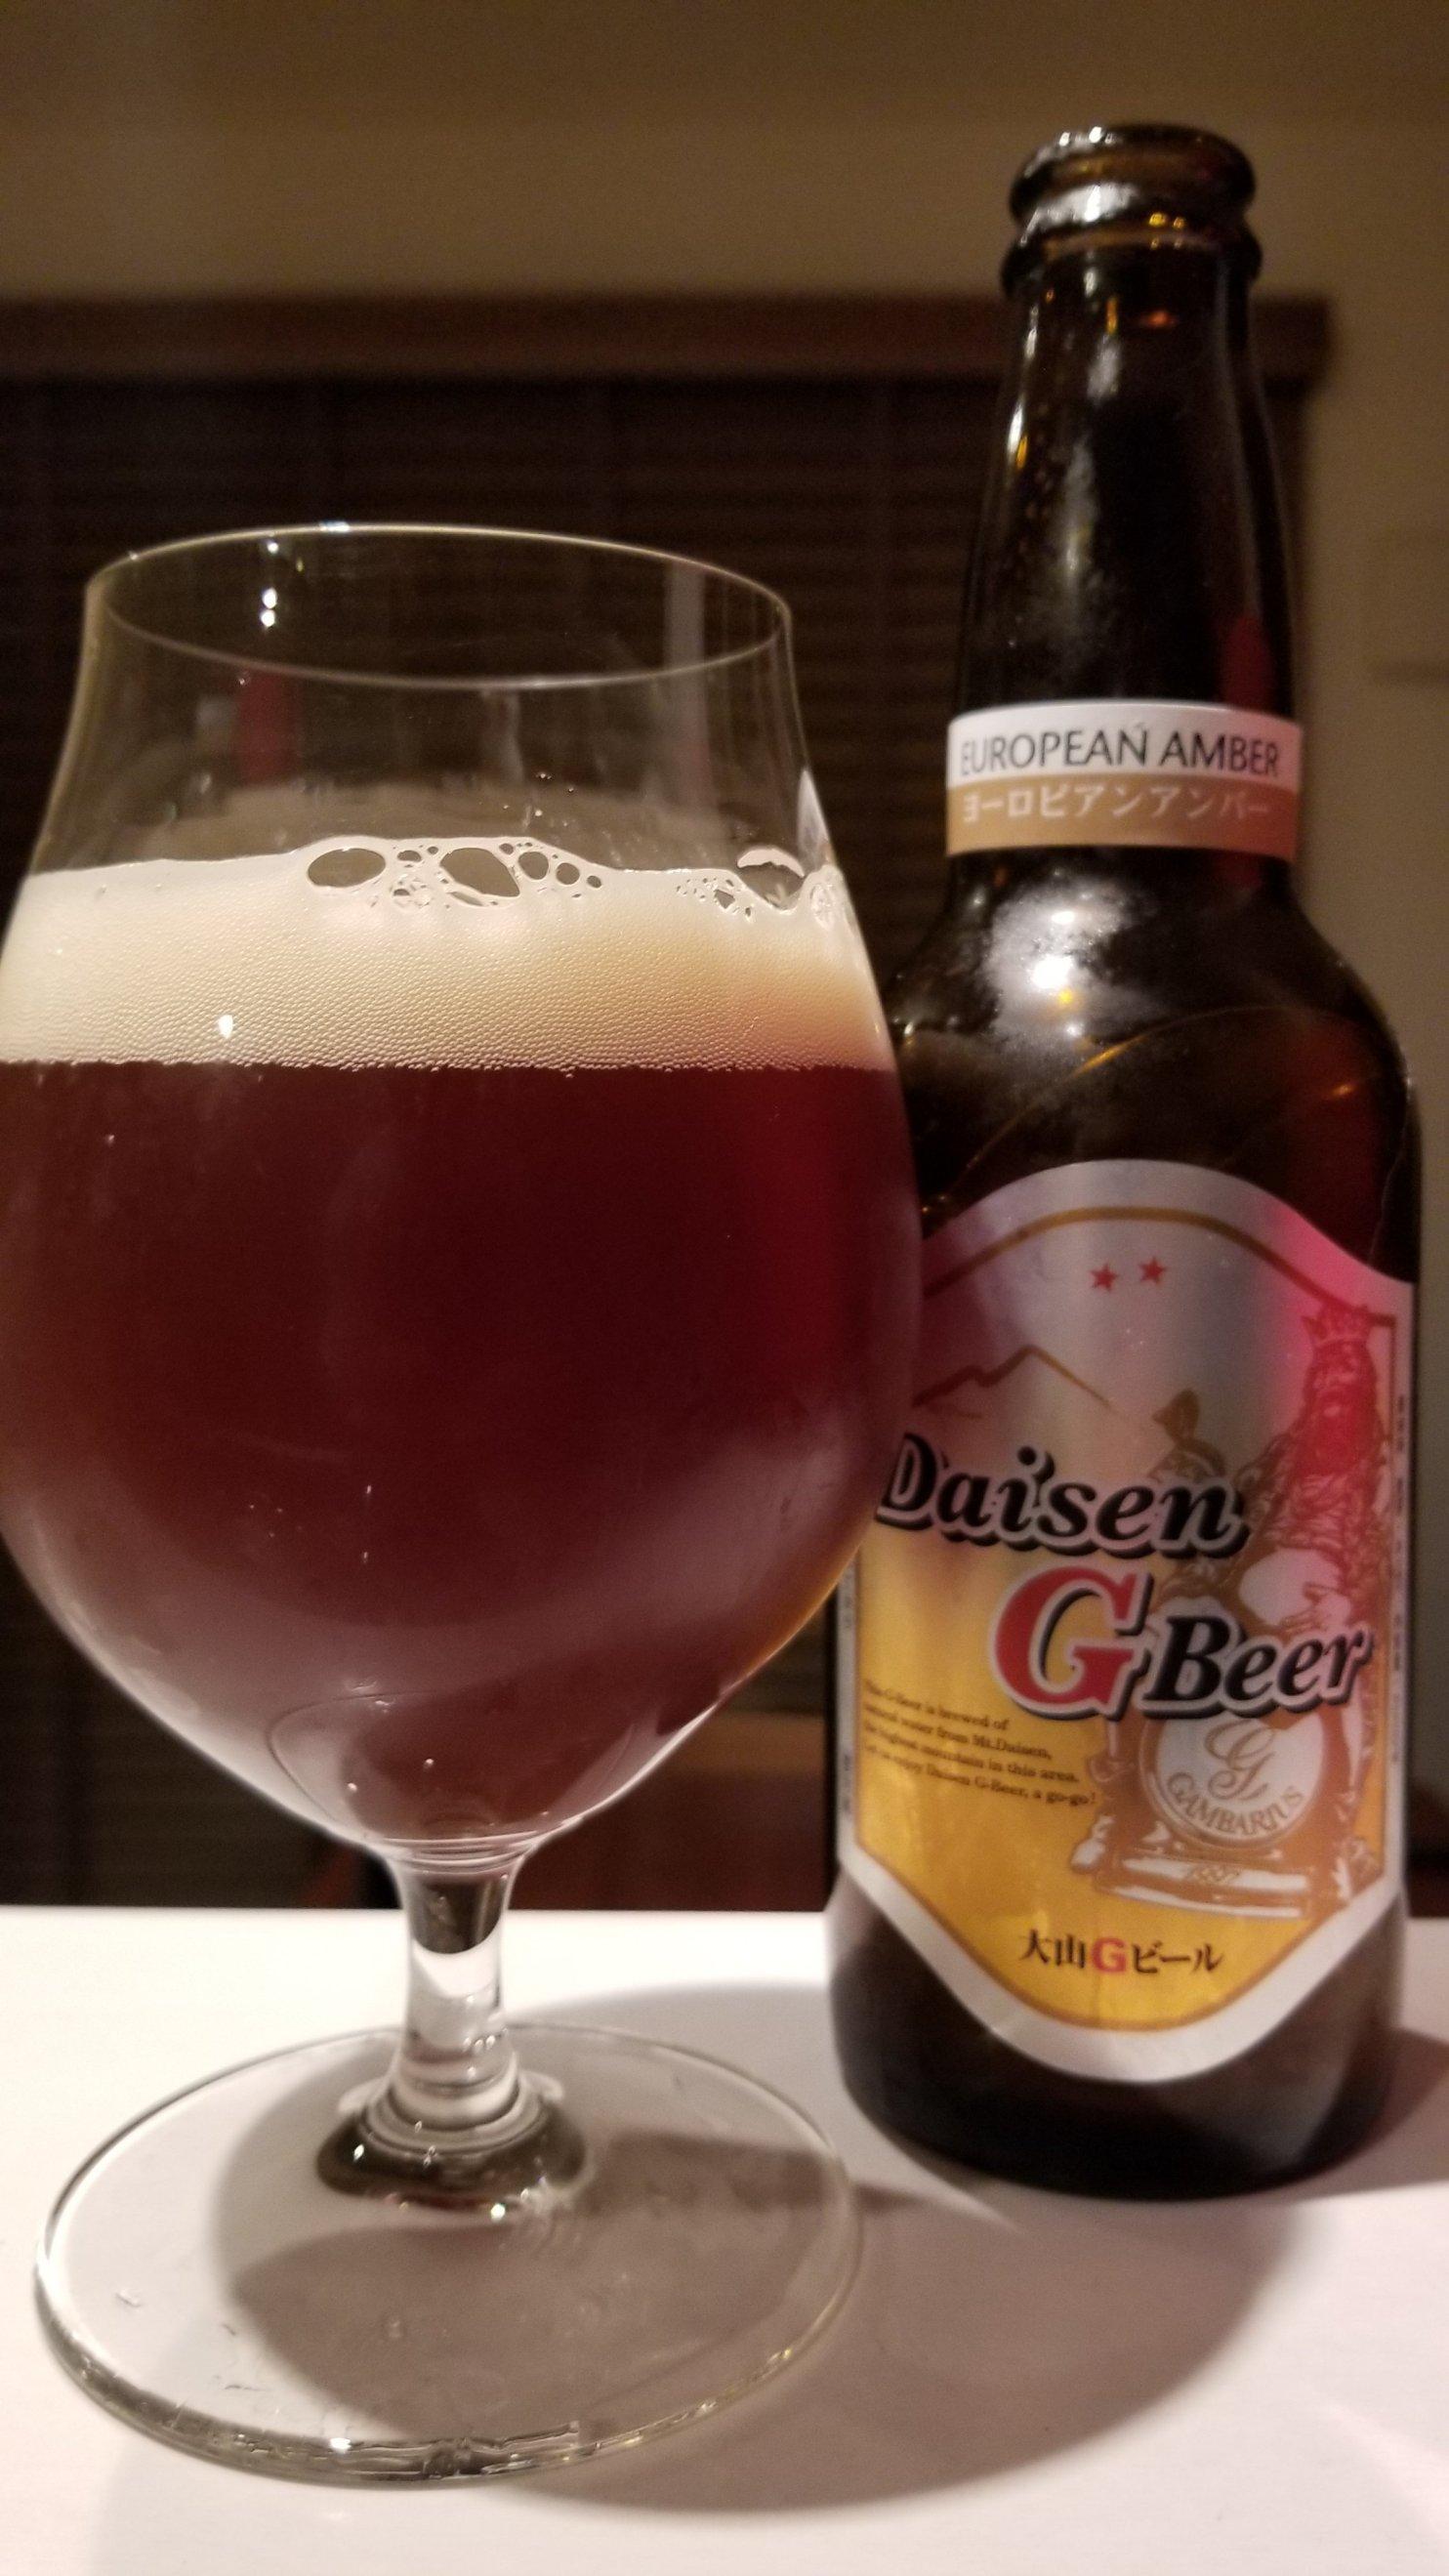 Daisen G Beer European Amber大山Gビールヨーロピアンアンバー